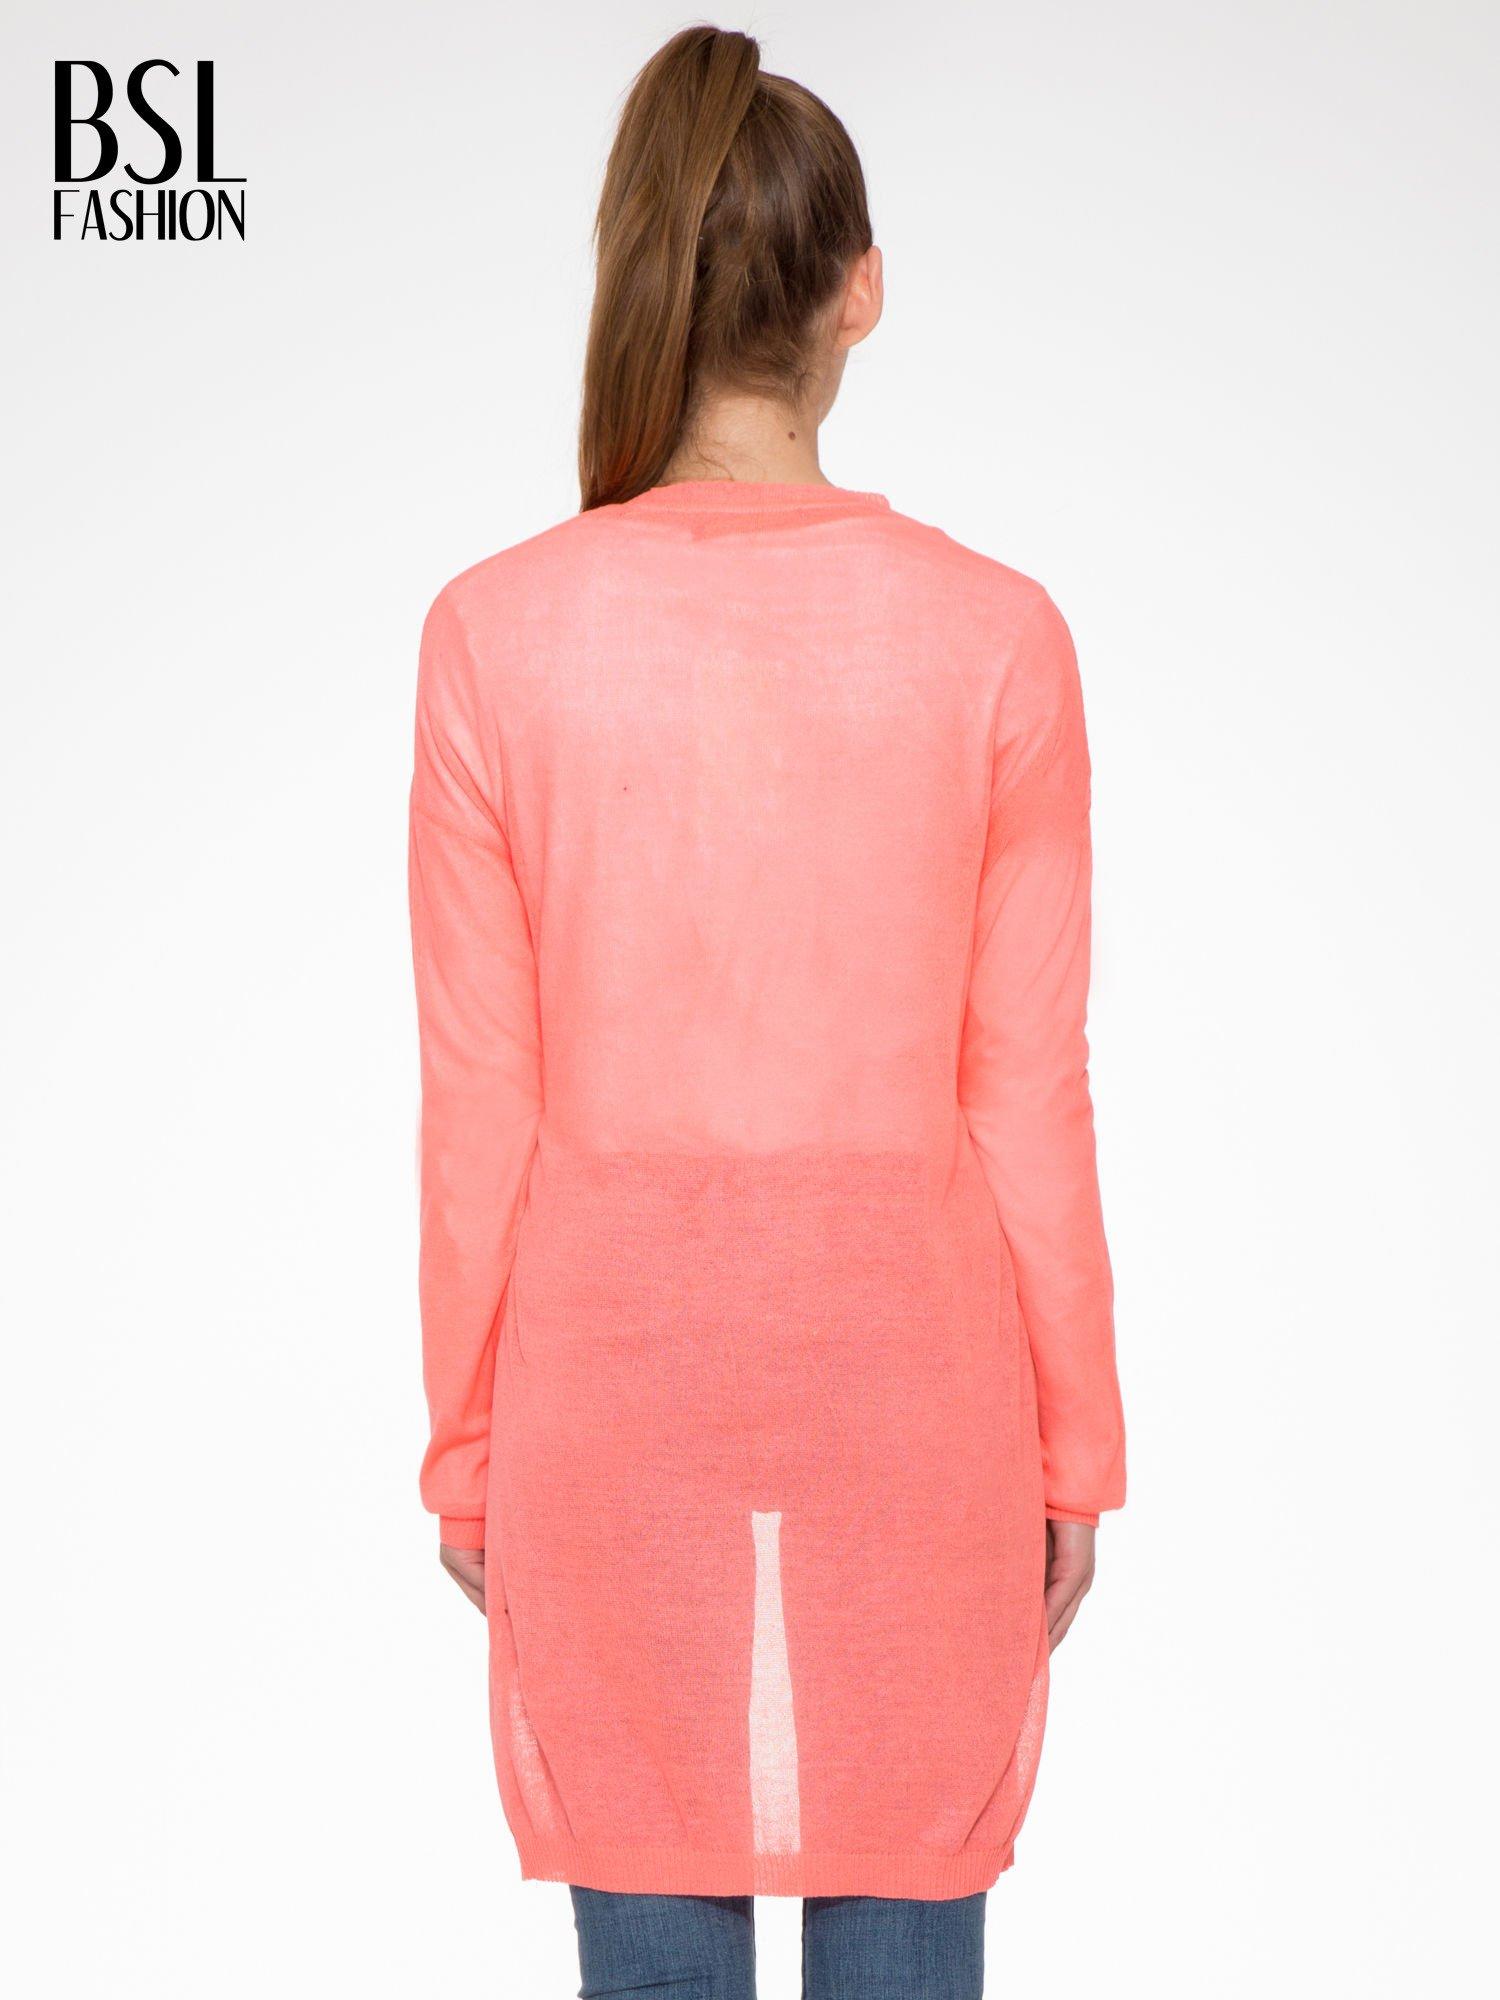 Koralowy długi sweter typu kardigan z kieszonkami                                  zdj.                                  4